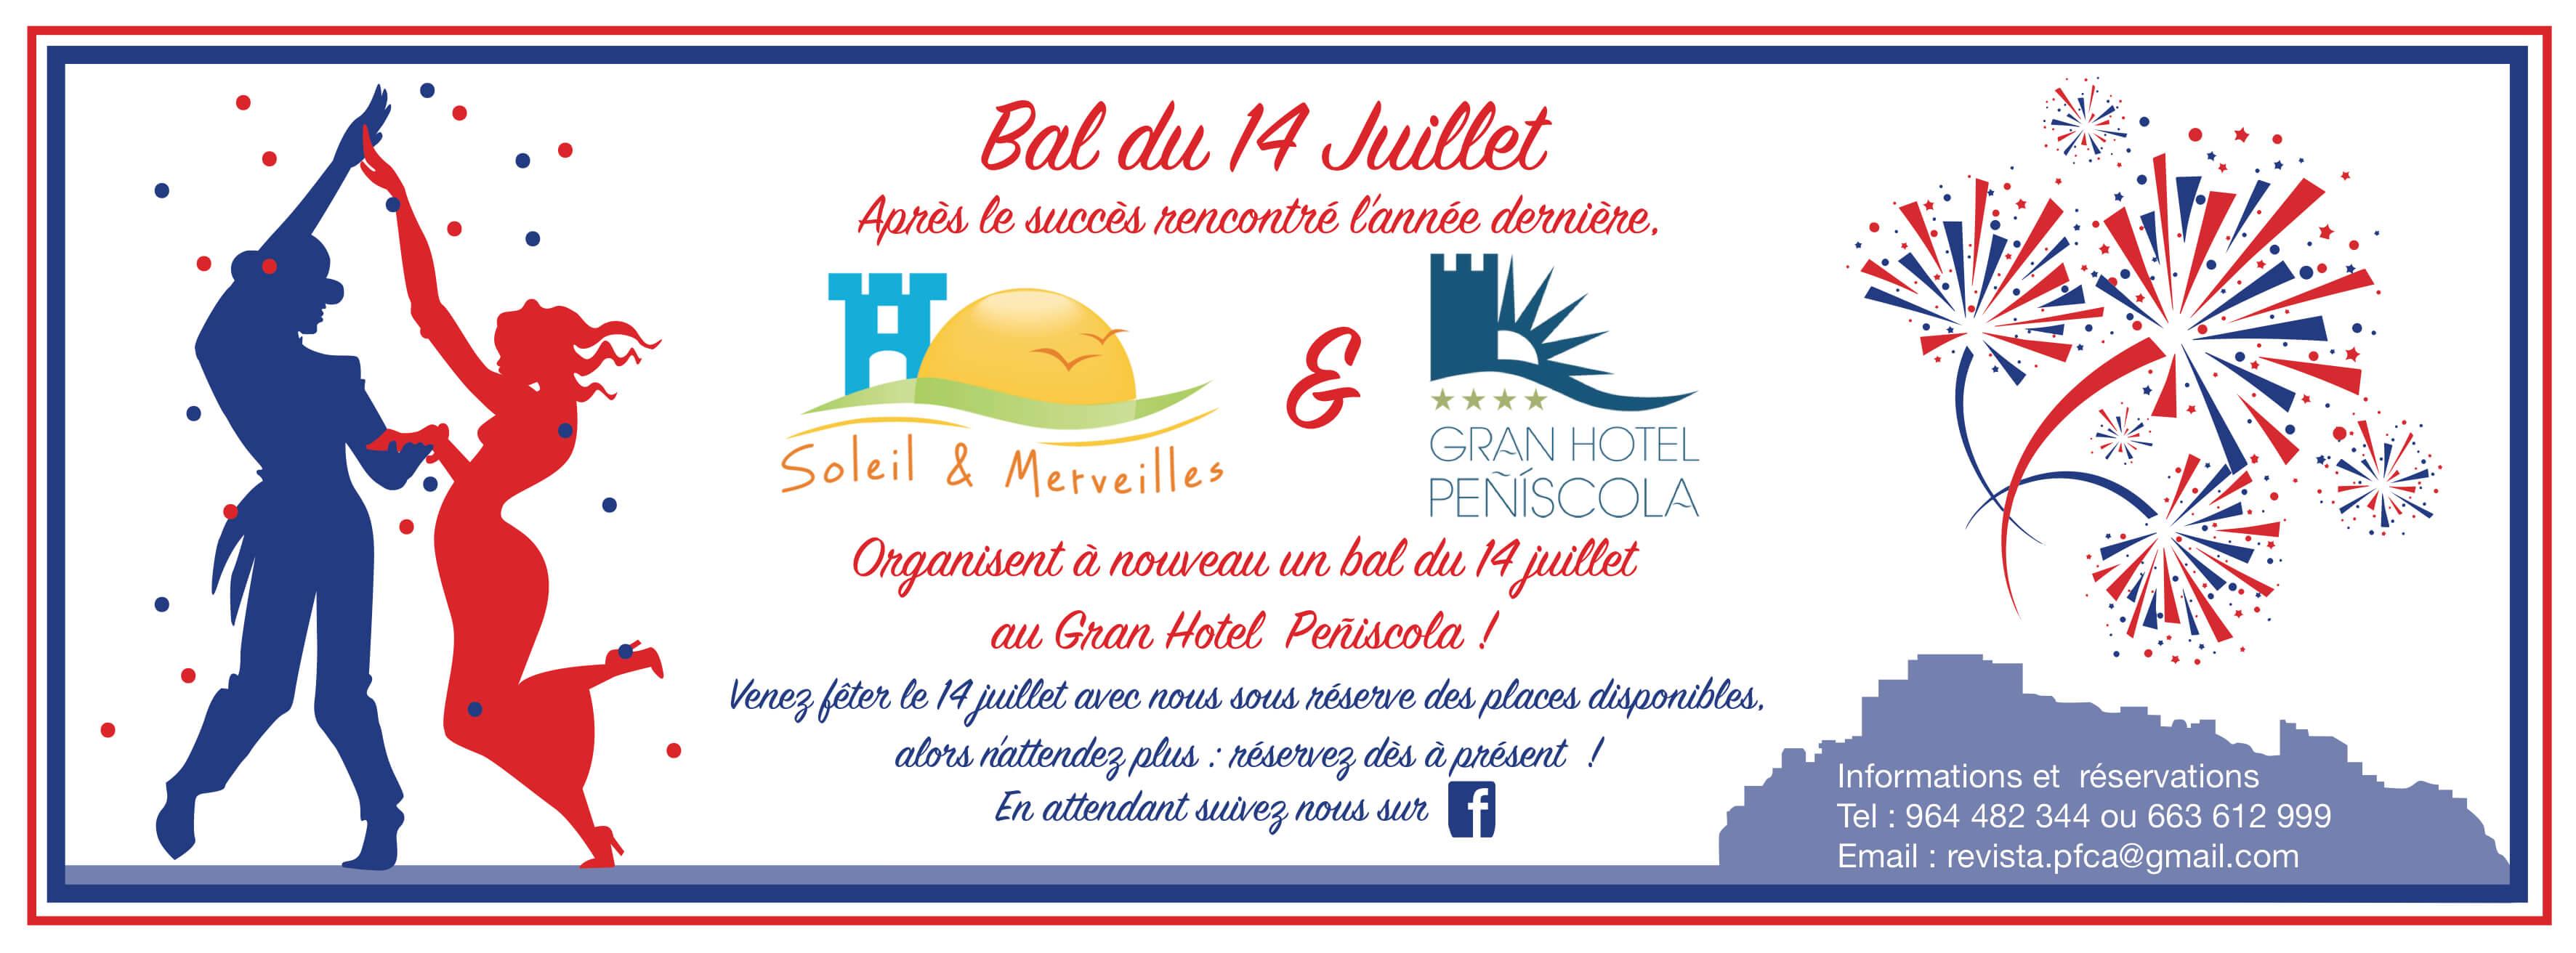 Rencontres francophones - Evenements à venir - Fête du 14 juillet